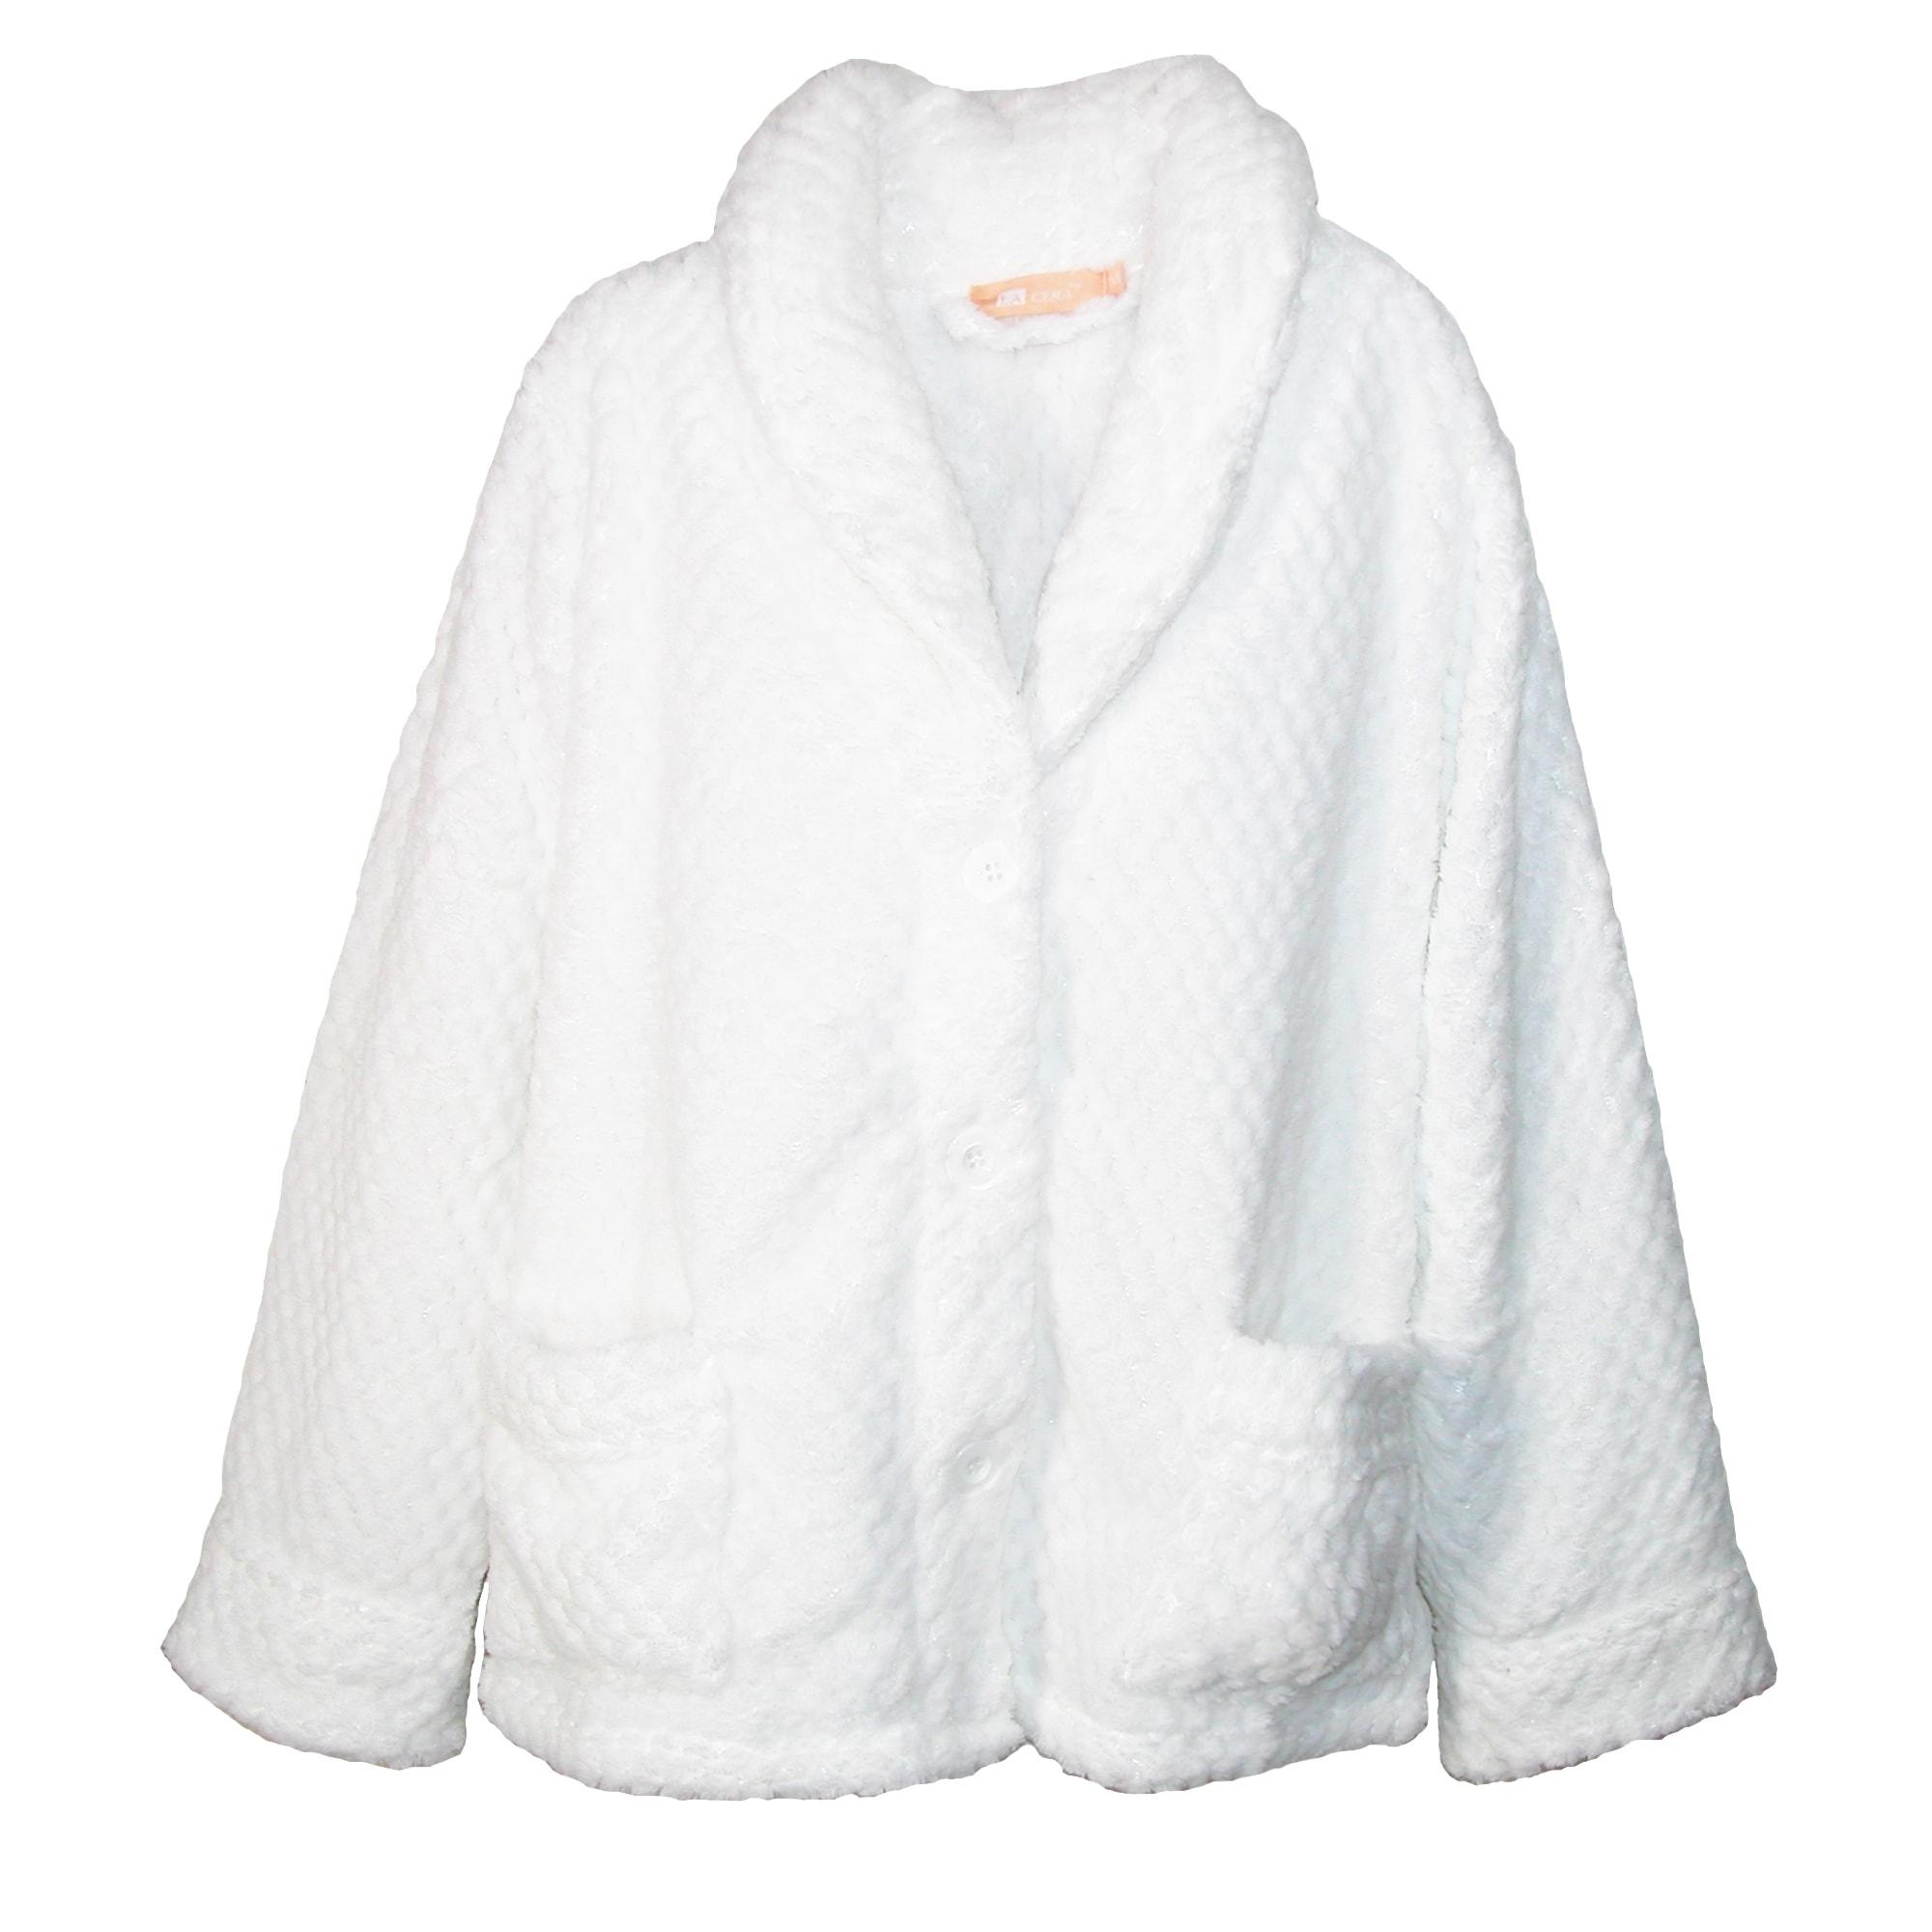 b37a8a050426e Shop La Cera Women s Plus Size Button Front Bed Coat - Free Shipping ...